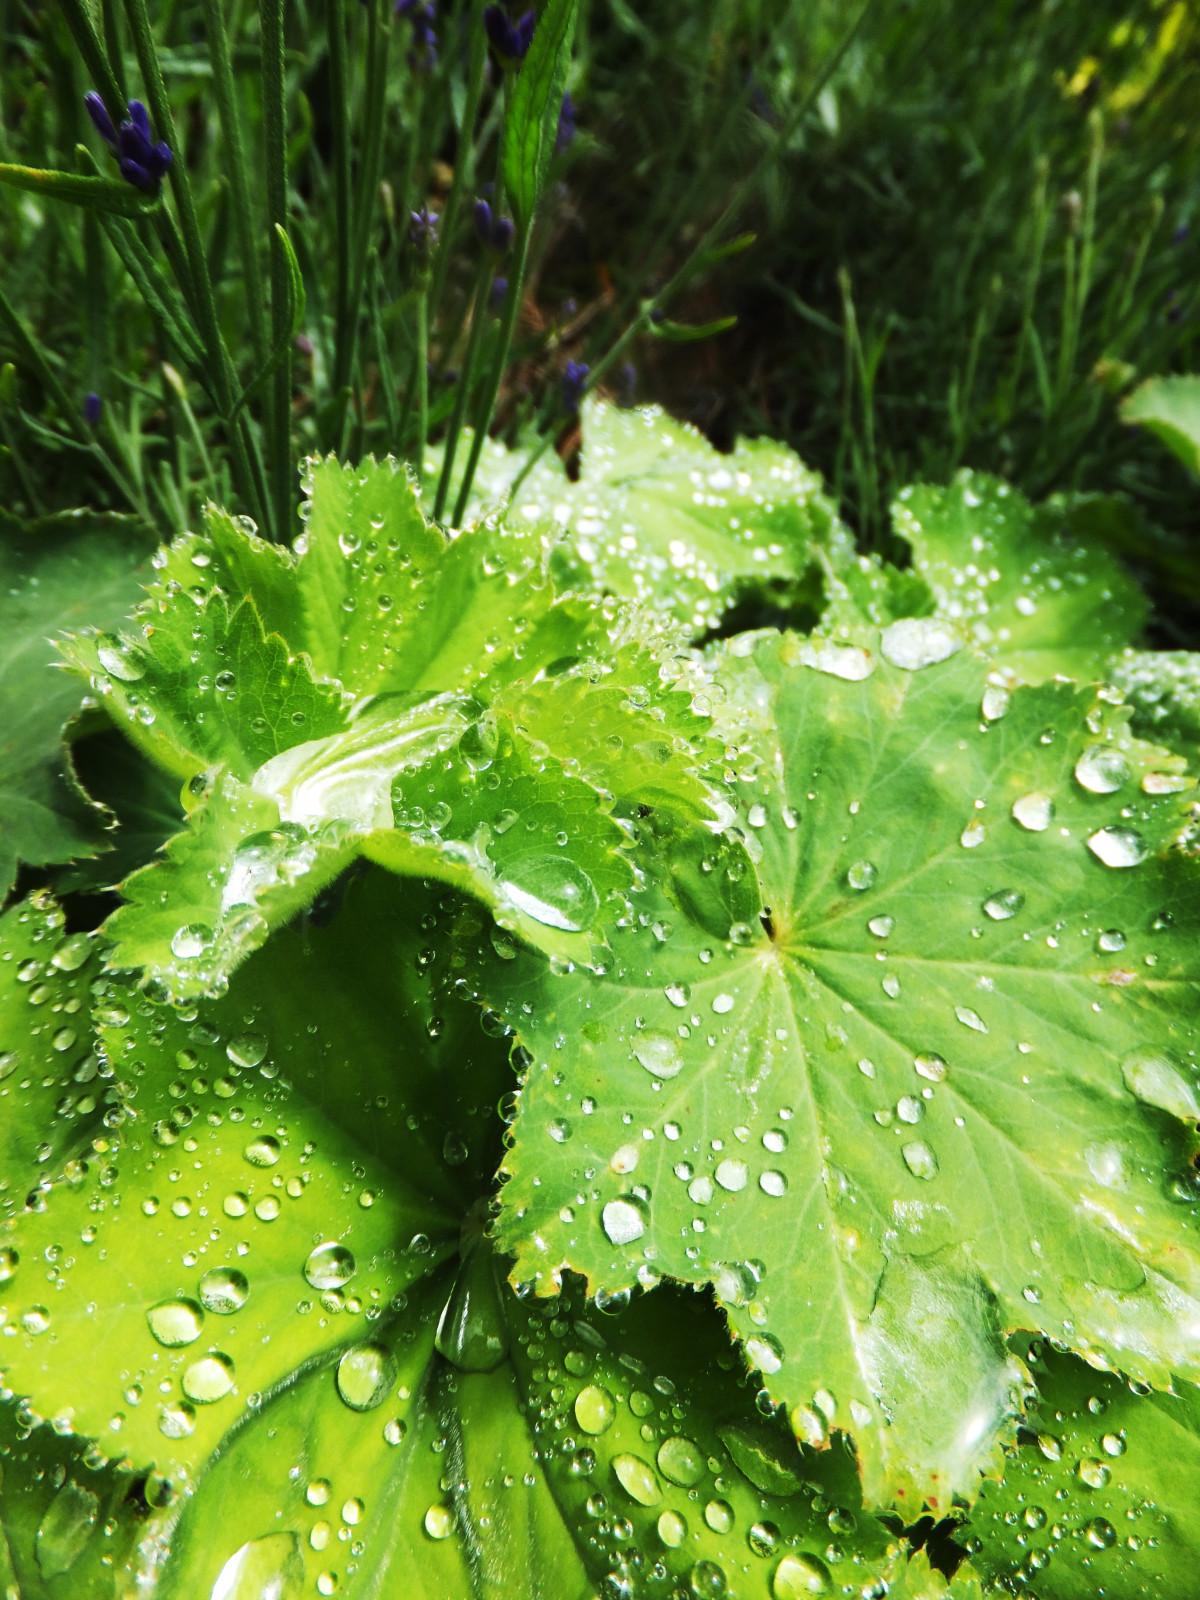 free images tree lawn leaf flower green herb. Black Bedroom Furniture Sets. Home Design Ideas